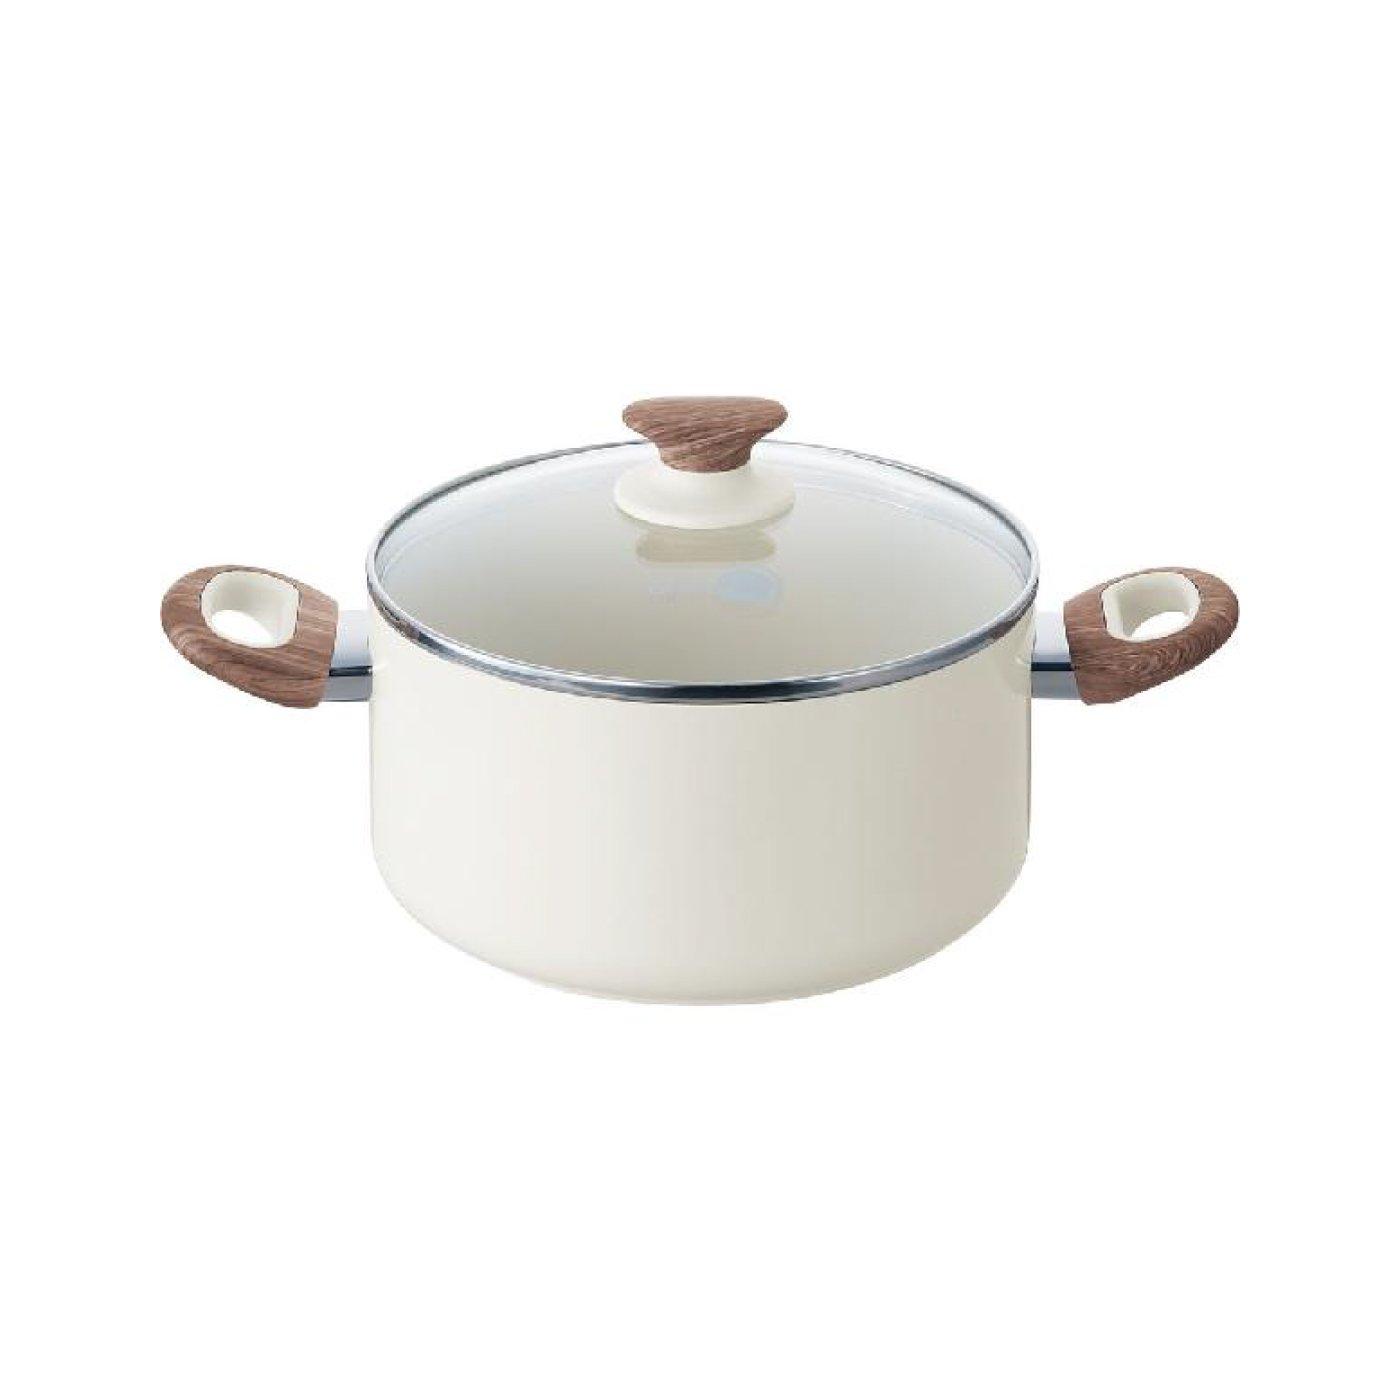 グリーンパン ウッドビー フッ素不使用 セラミックキャセロール蓋付き(20cm)